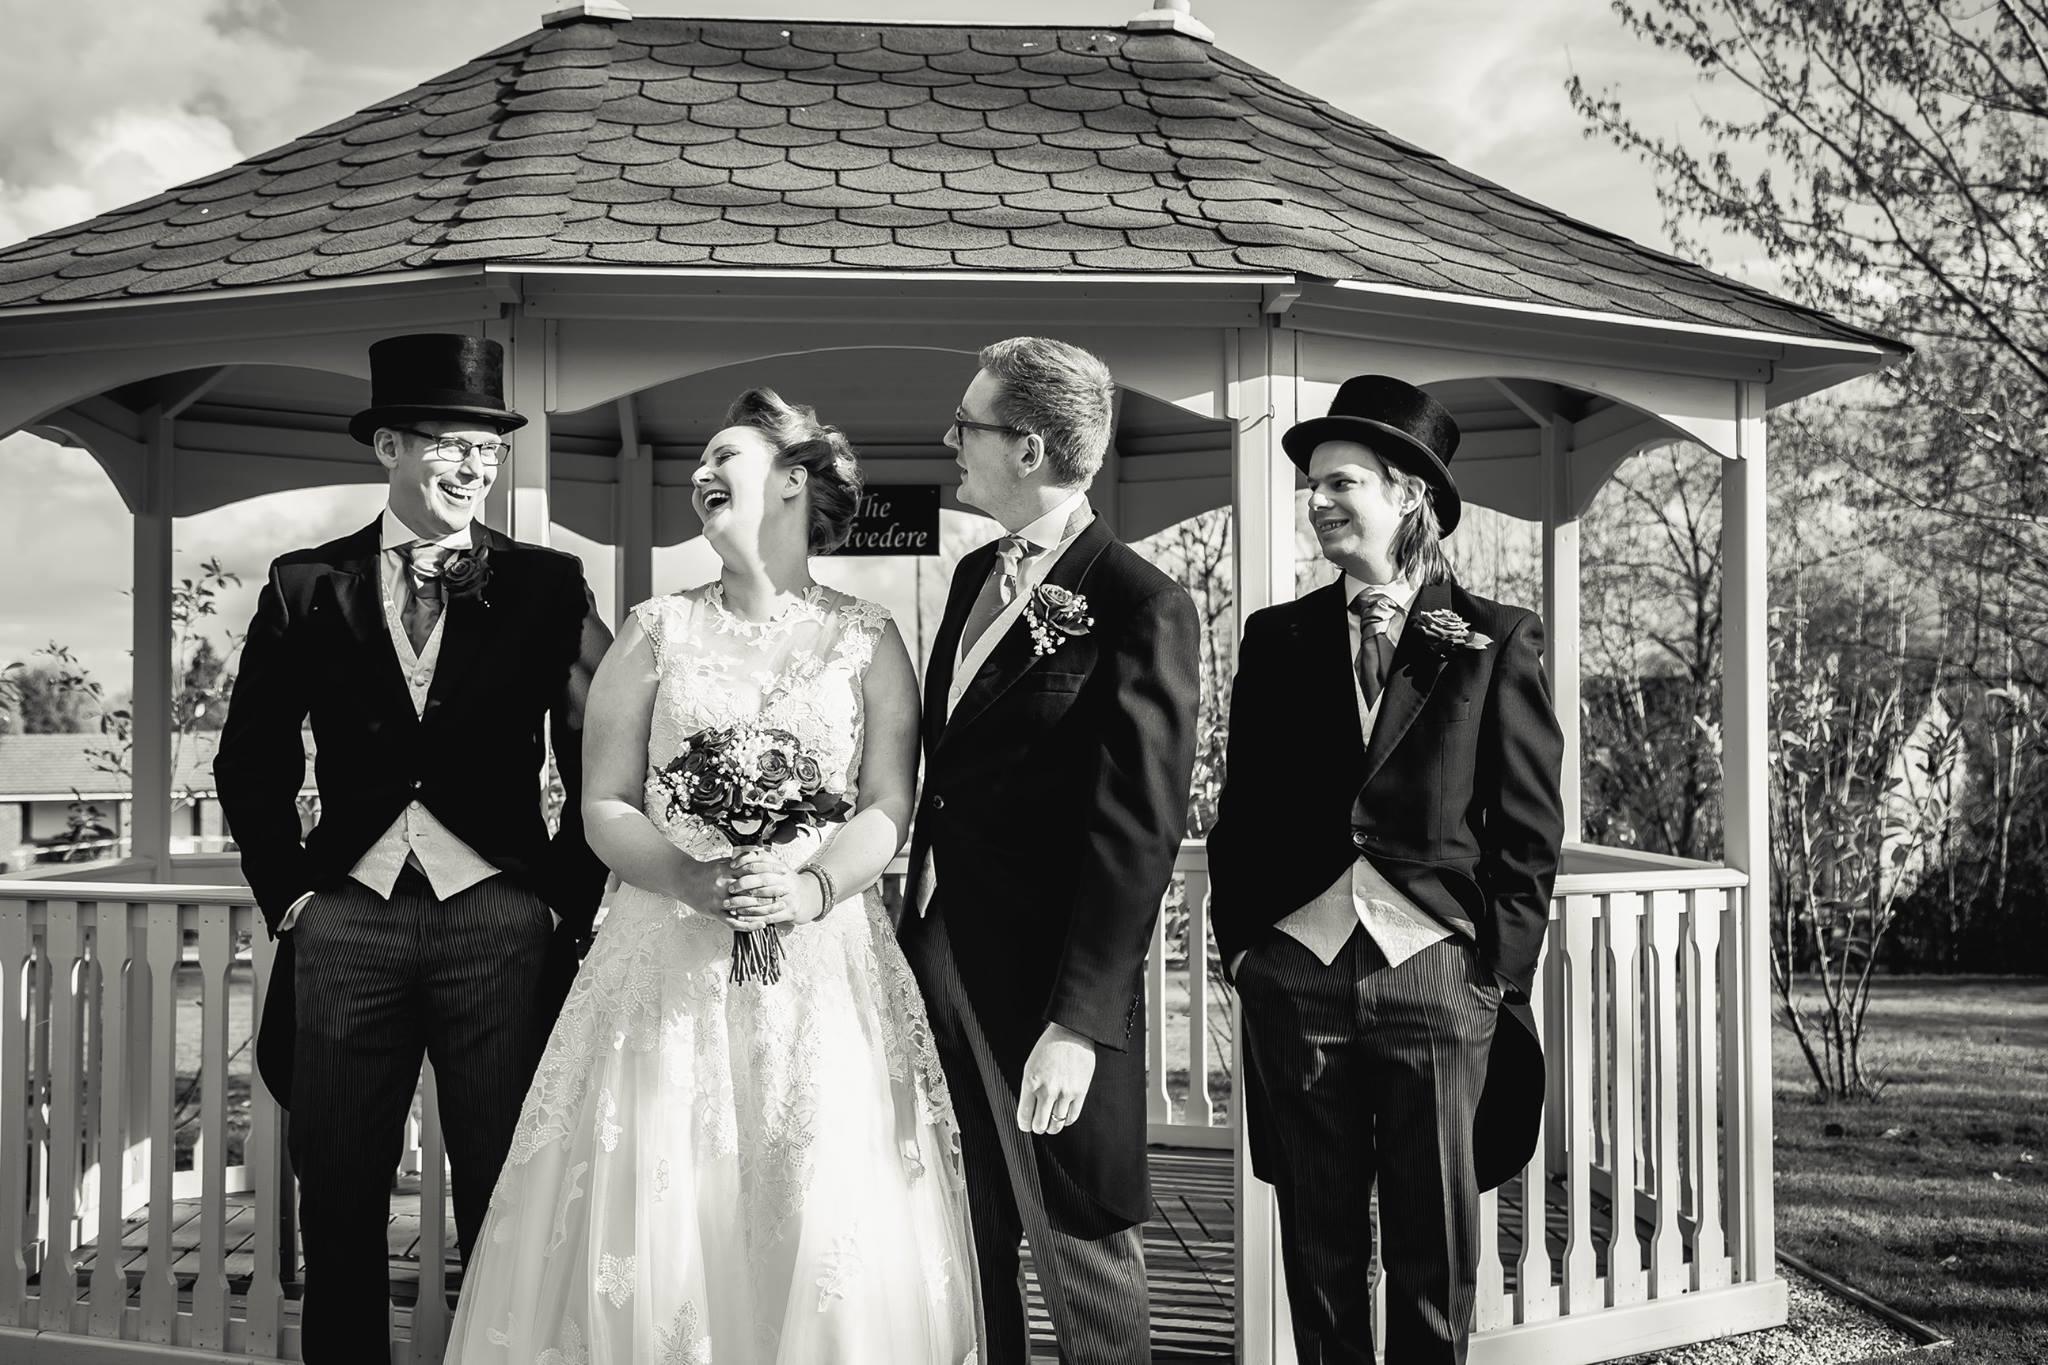 My weirdly wonderful geek wedding